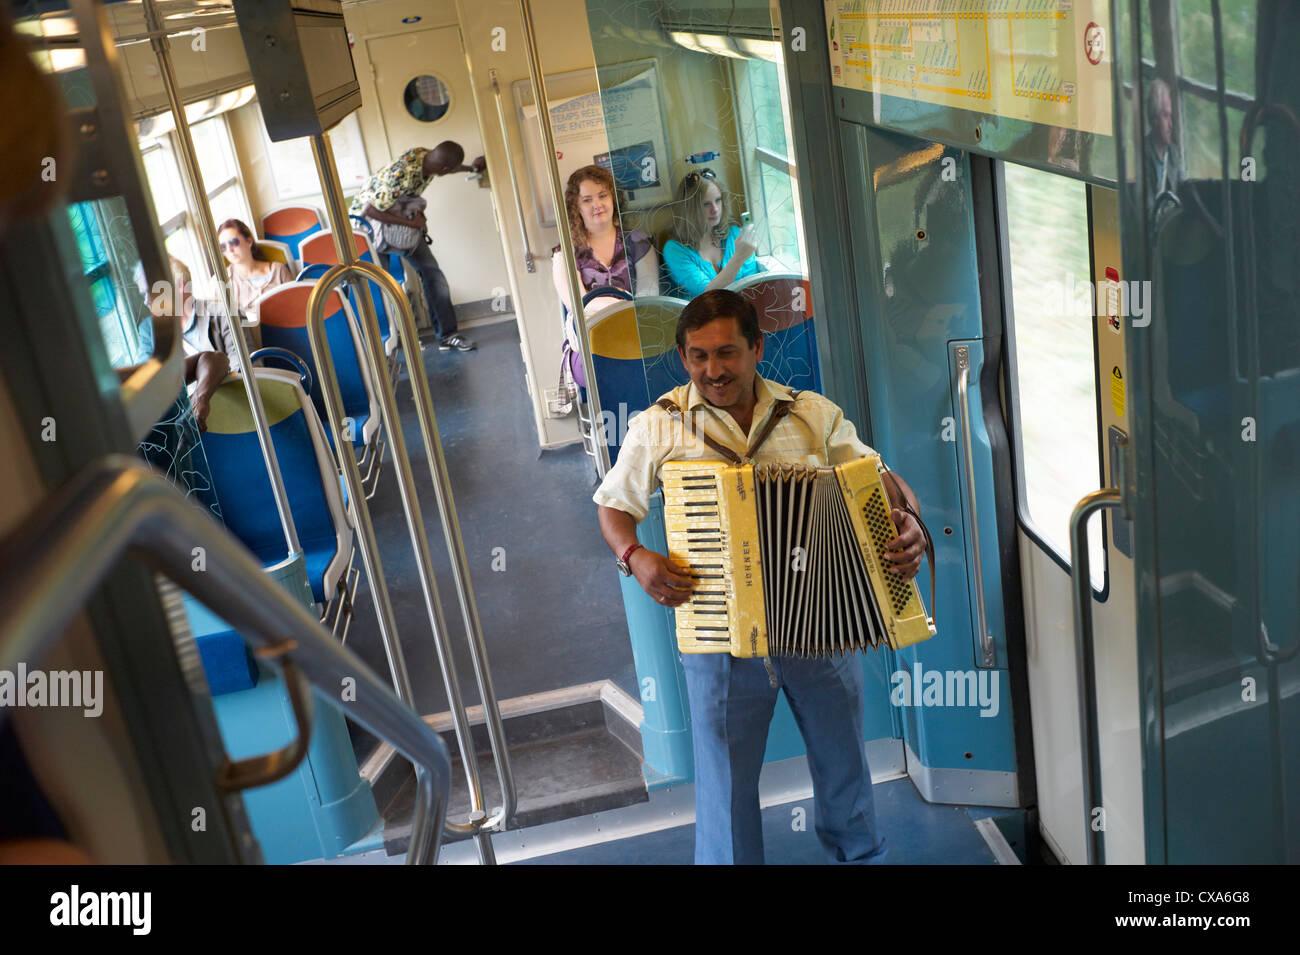 Un homme rom ou tsigane de la rue dans un train entre Paris et Versailles avec un accordéon Banque D'Images